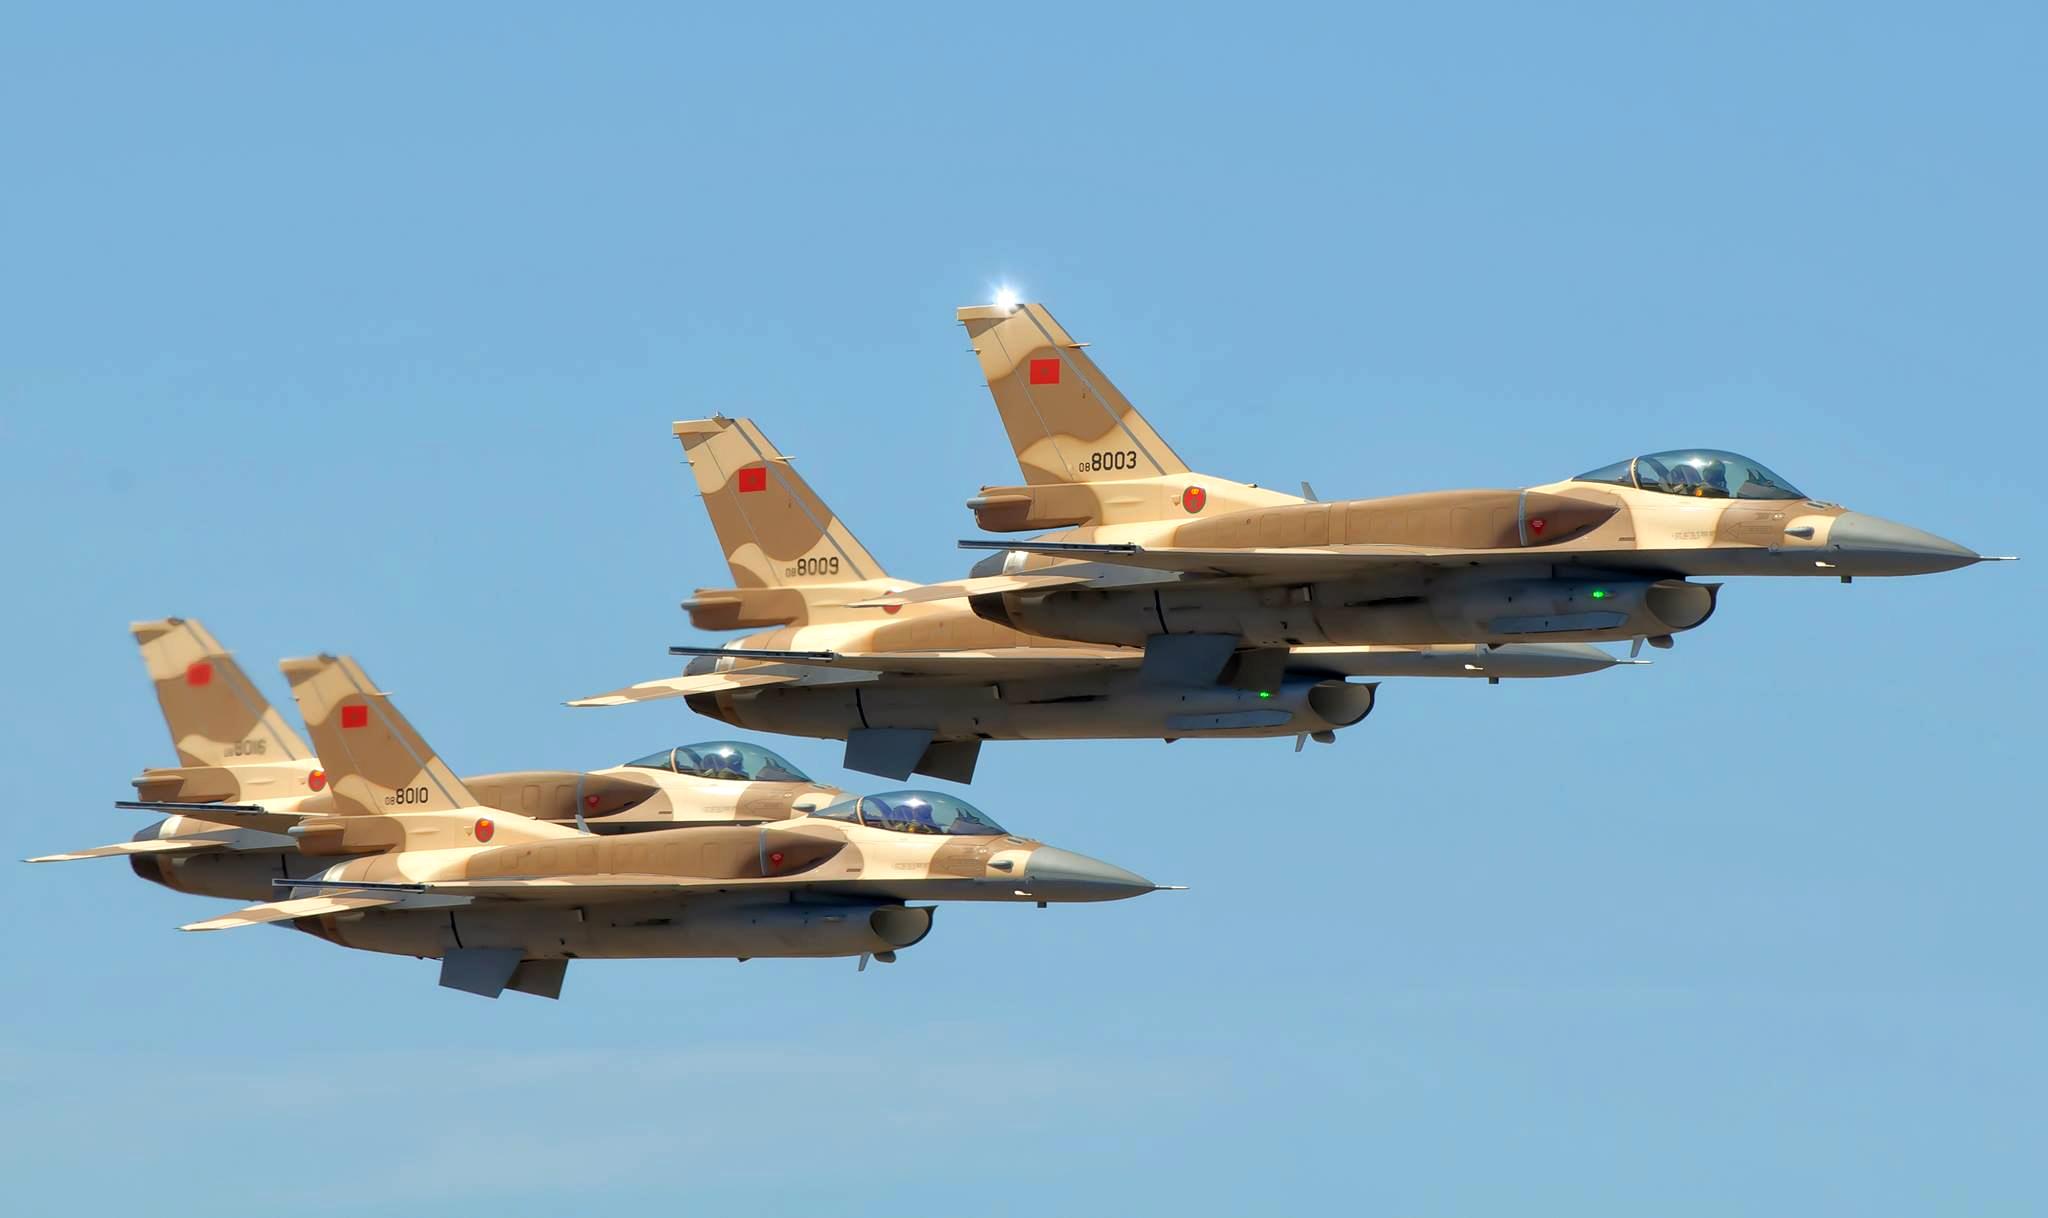 القوات الجوية الملكية المغربية - متجدد - - صفحة 2 160201071015831707